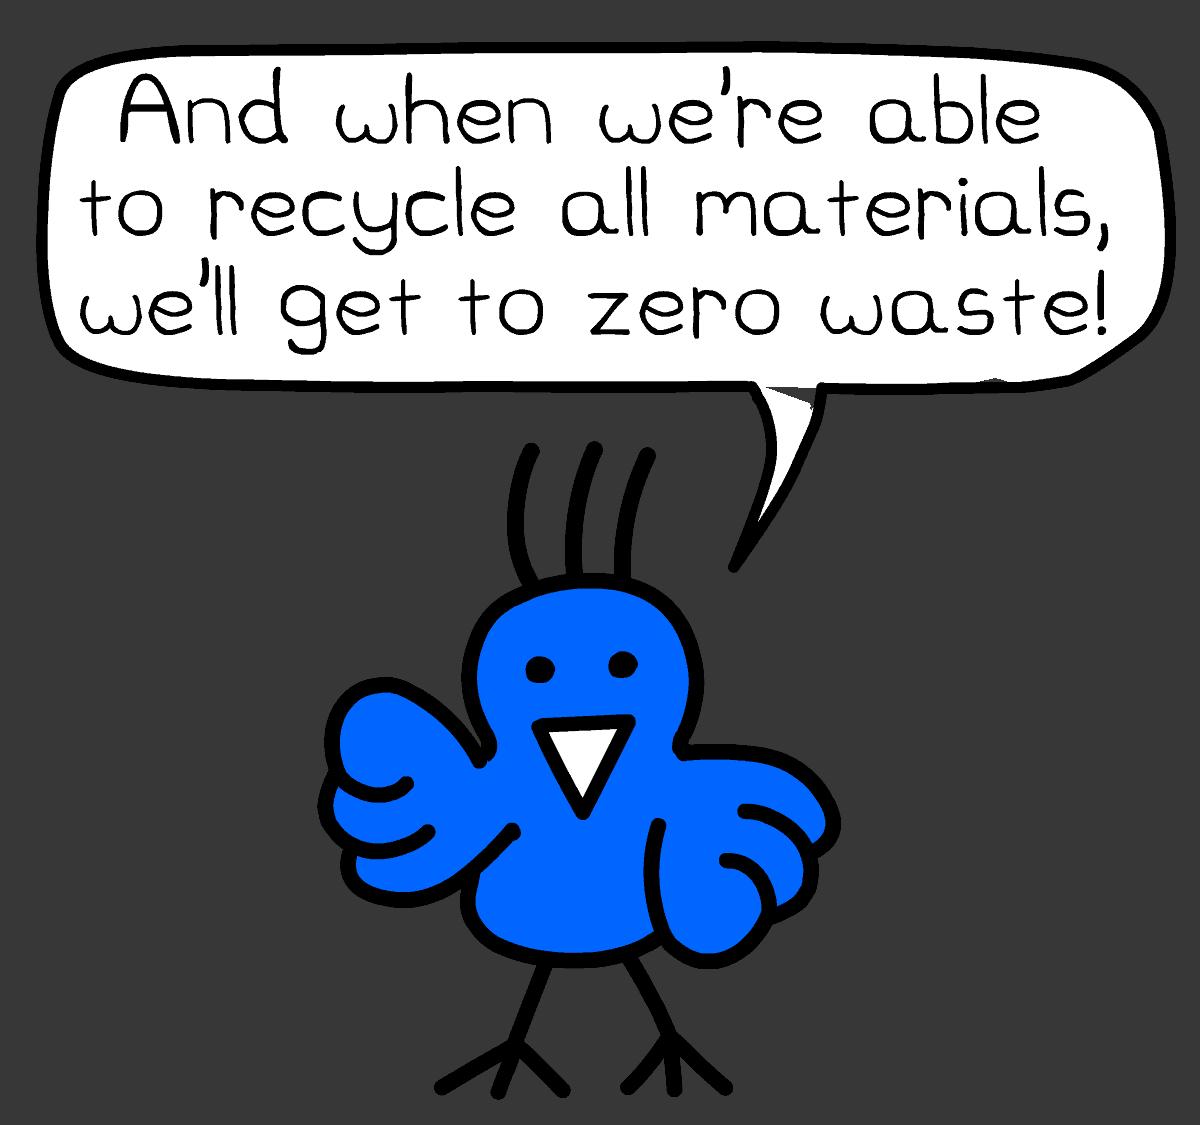 Ecosafe Green | Zero waste - EDU Zero Waste Program Recycling